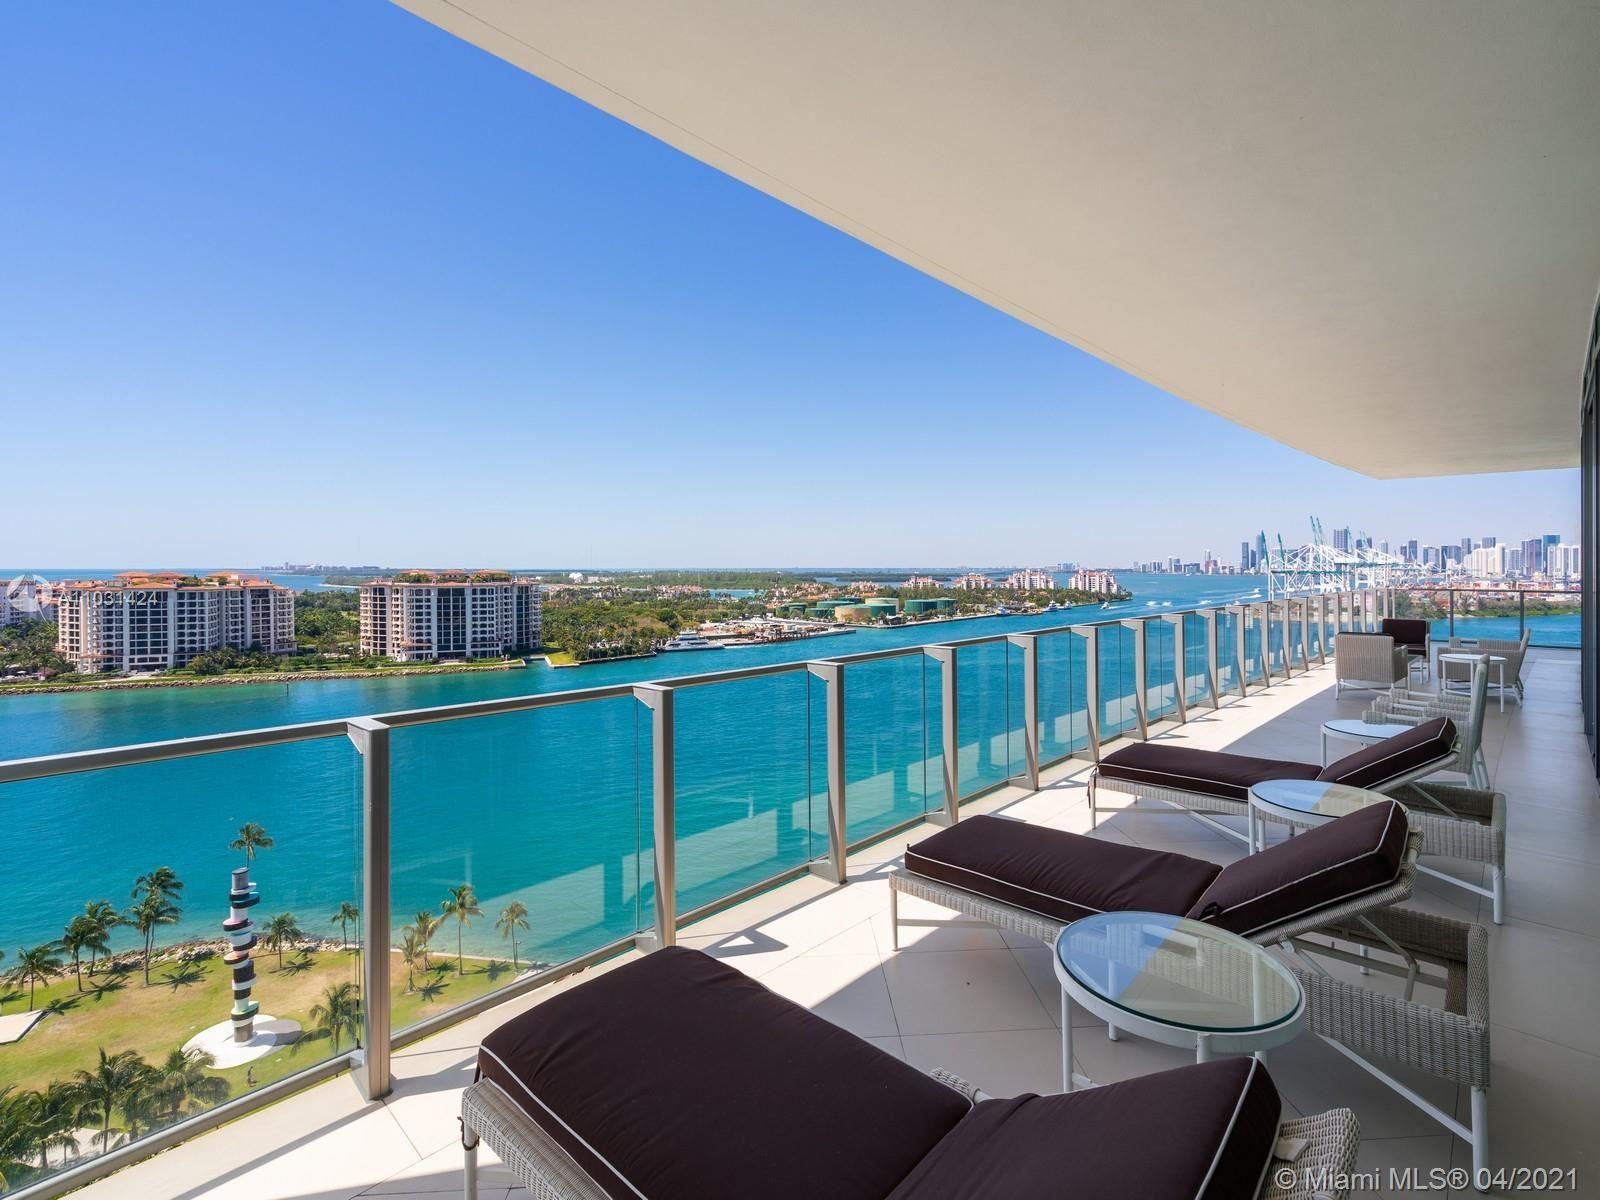 800 S POINTE DR #1504, Miami Beach, FL 33139 - #: A11031424